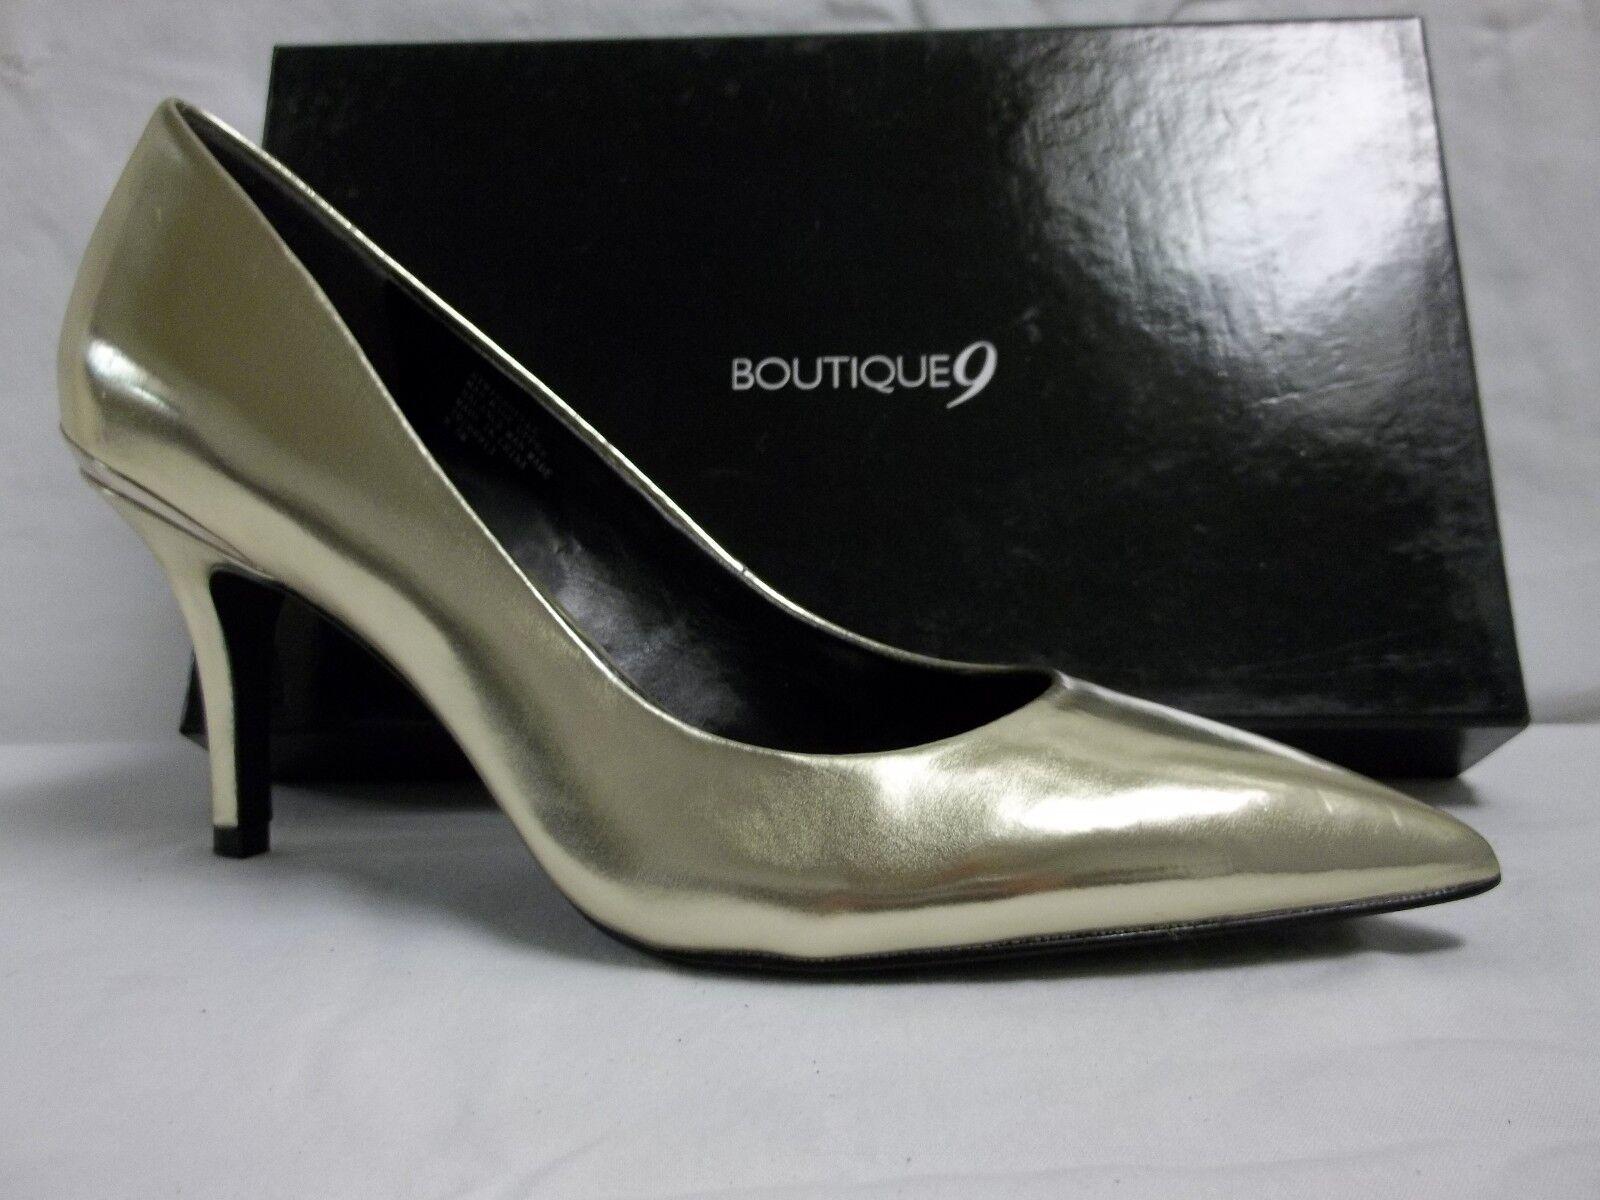 Boutique 9 Größe 9.5 M Mirabelle Light Gold Pumps New Damenschuhe Schuhes